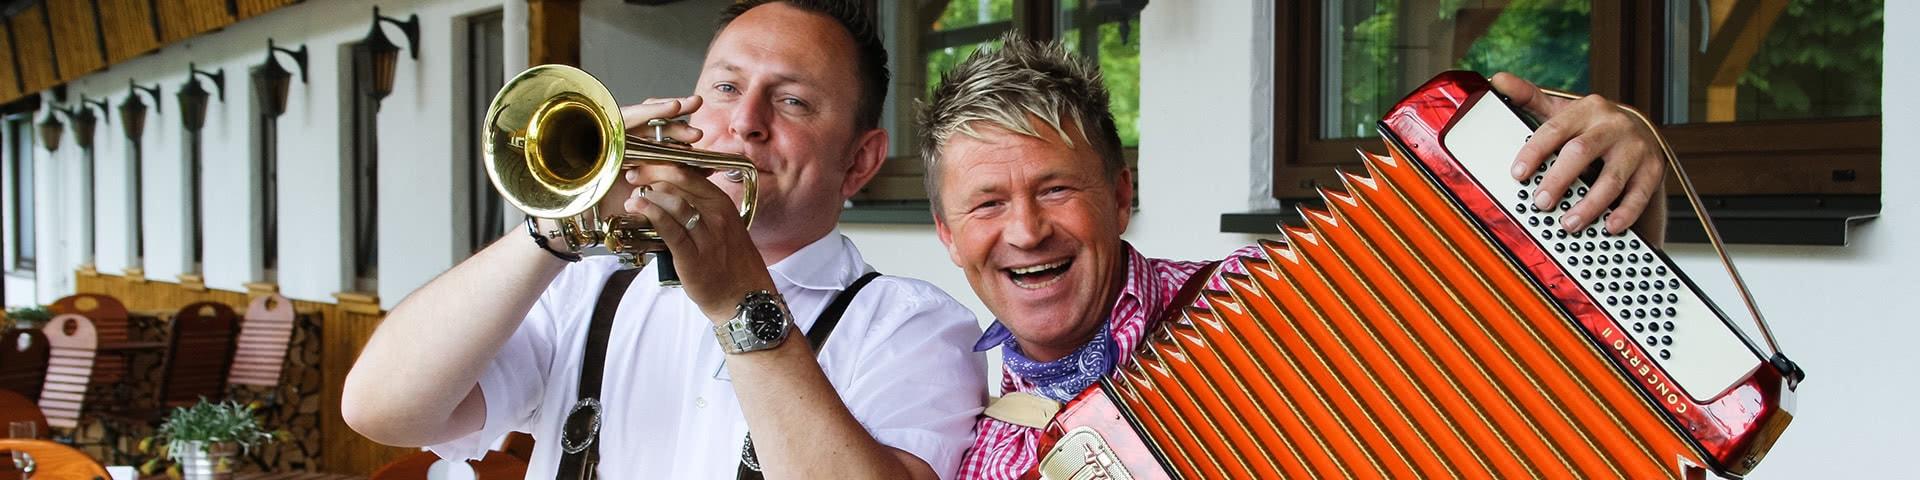 Zwei Musiker in Tracht spielen Akkordeon und Trompete in Frielendorf